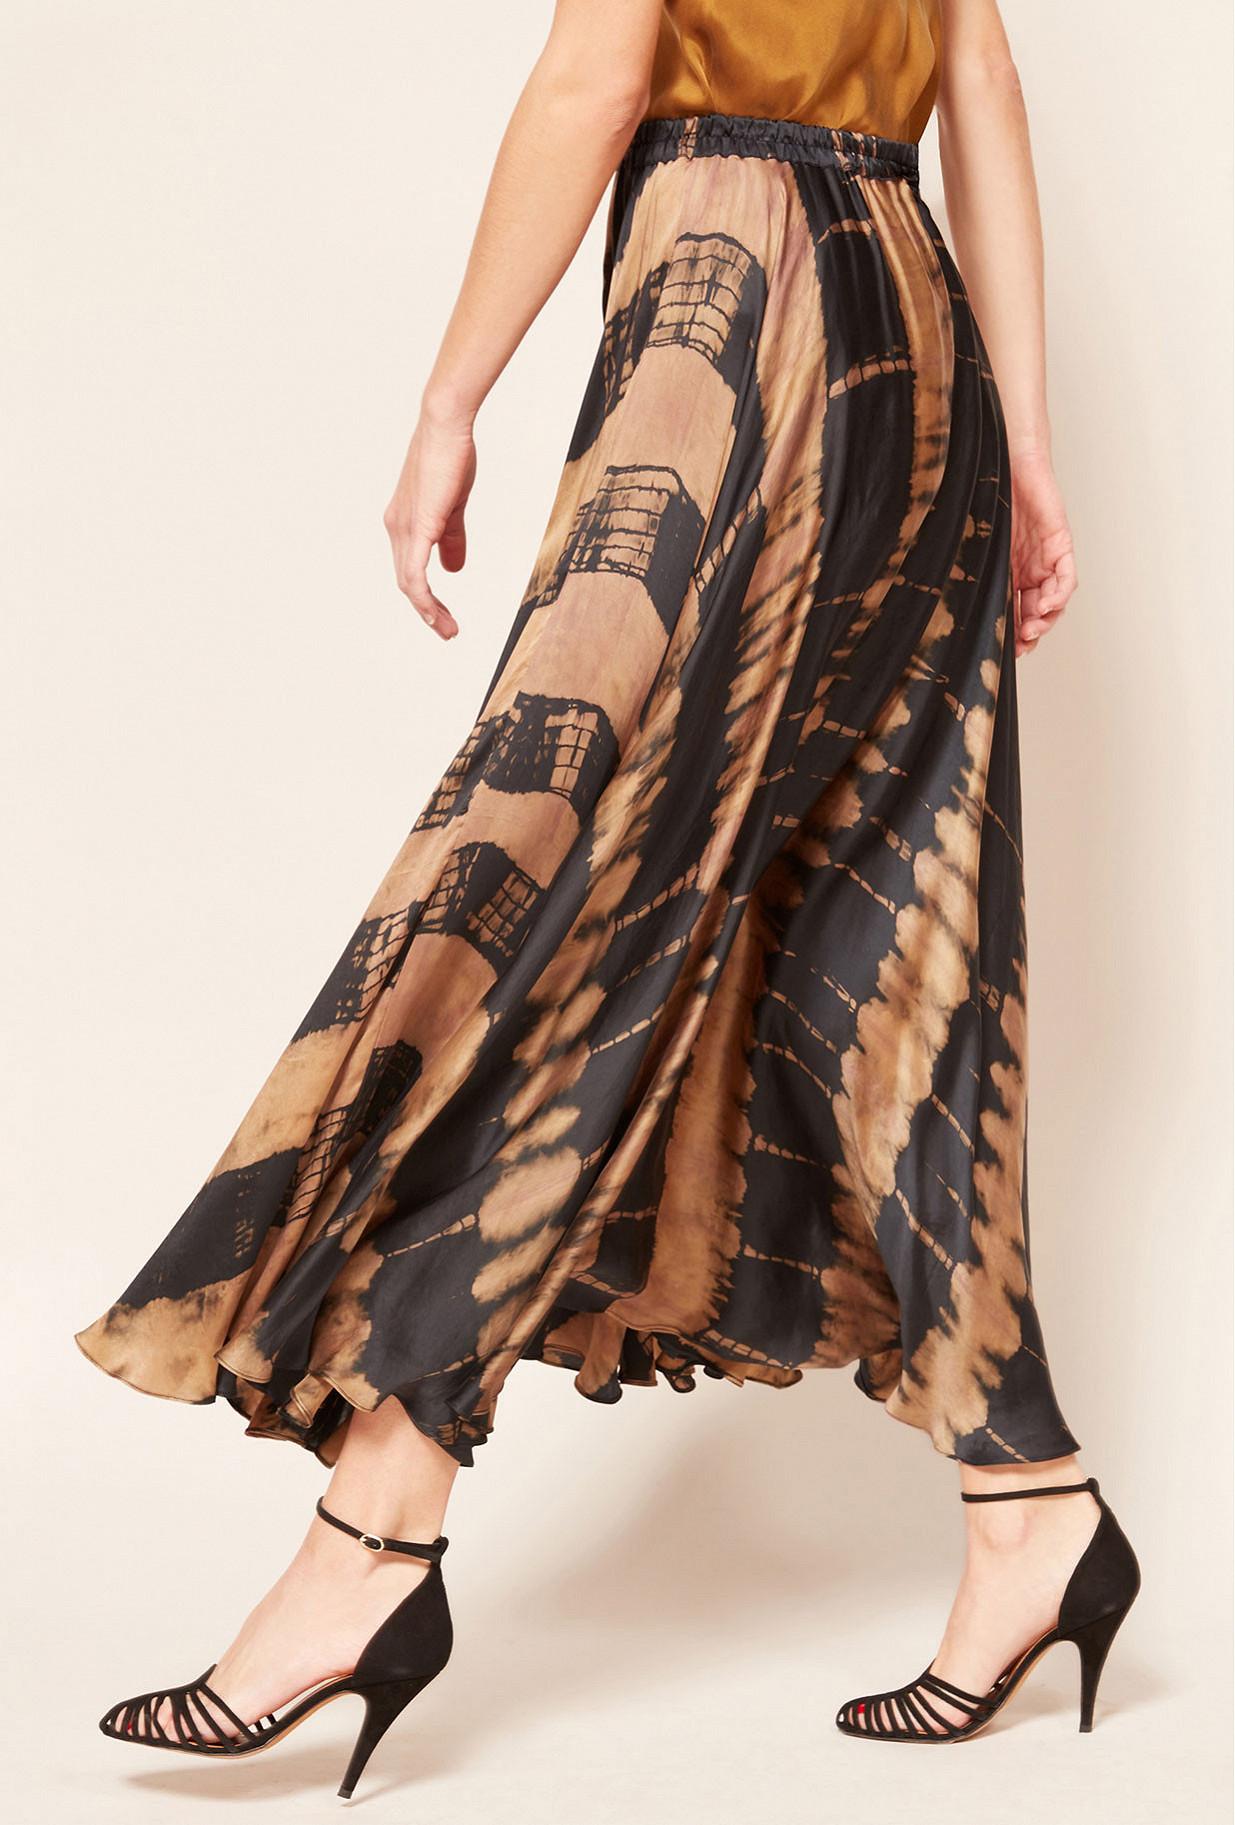 Paris boutique de mode vêtement Jupe créateur bohème Danish